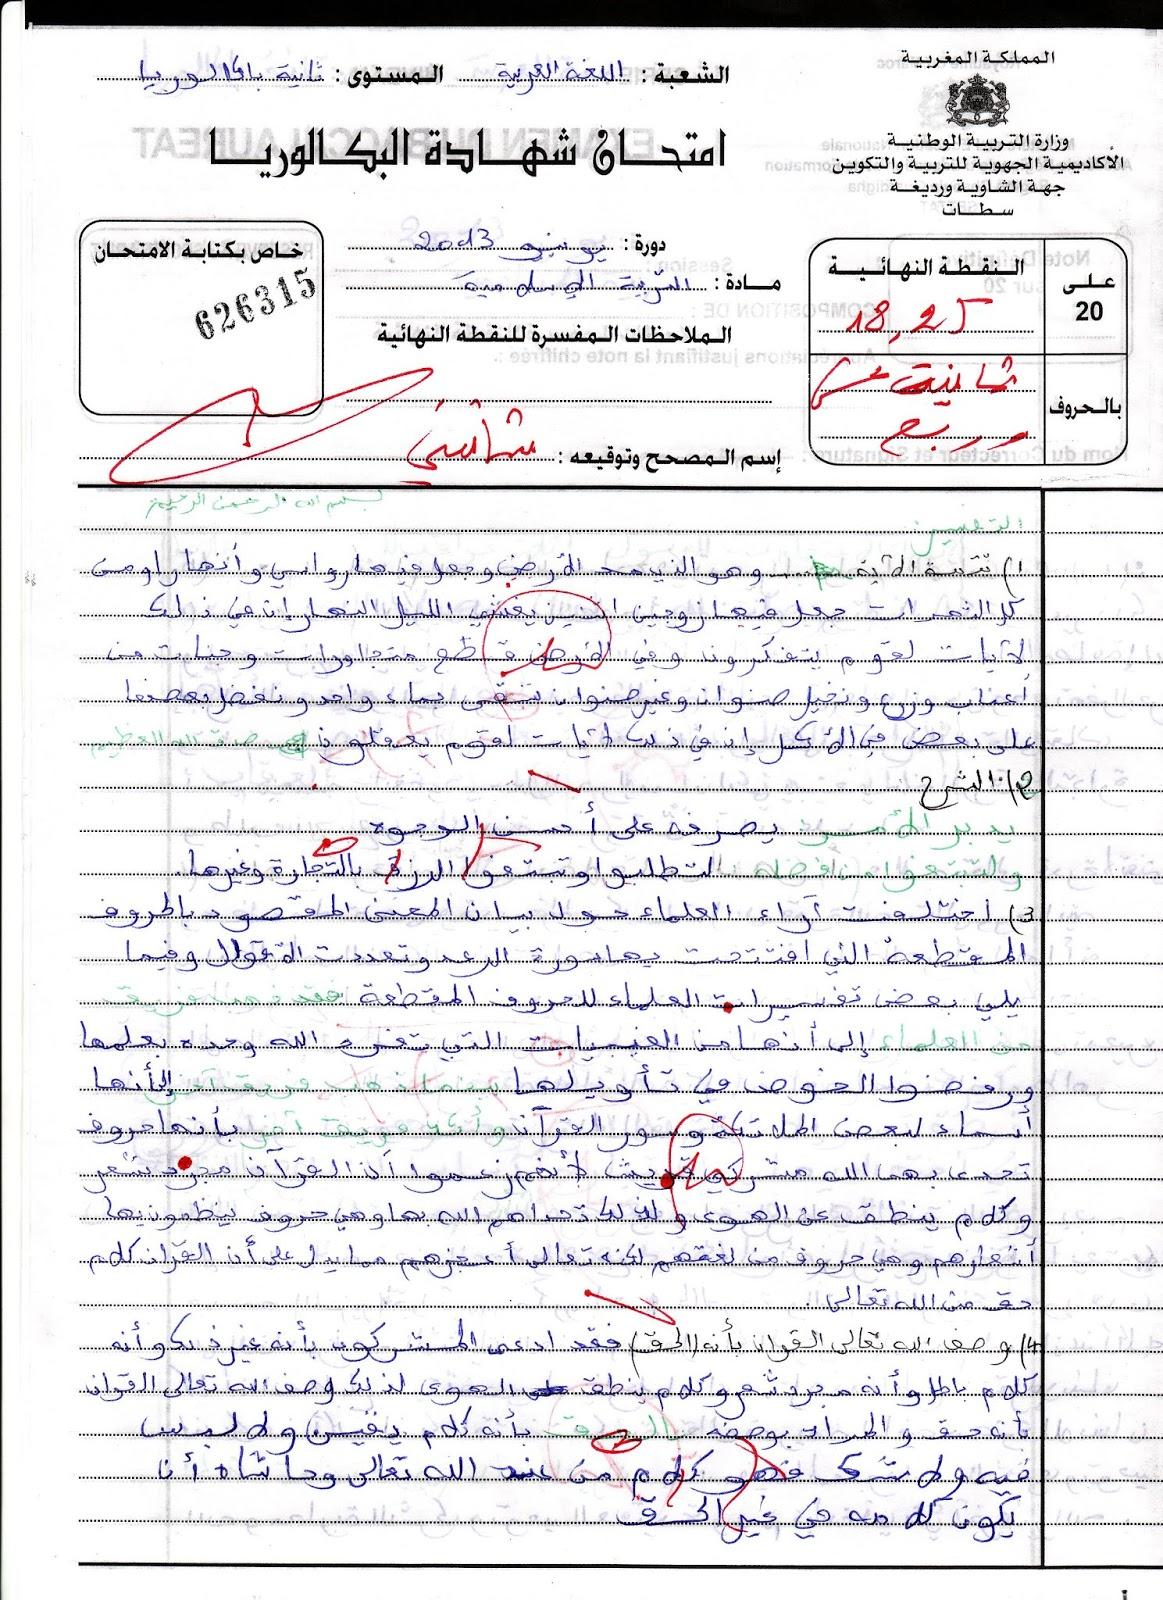 الإنجاز النموذجي (18.25/20)؛ الامتحان الوطني الموحد للباكالوريا، التفسير والحديث، مسلك اللغة العربية 2013